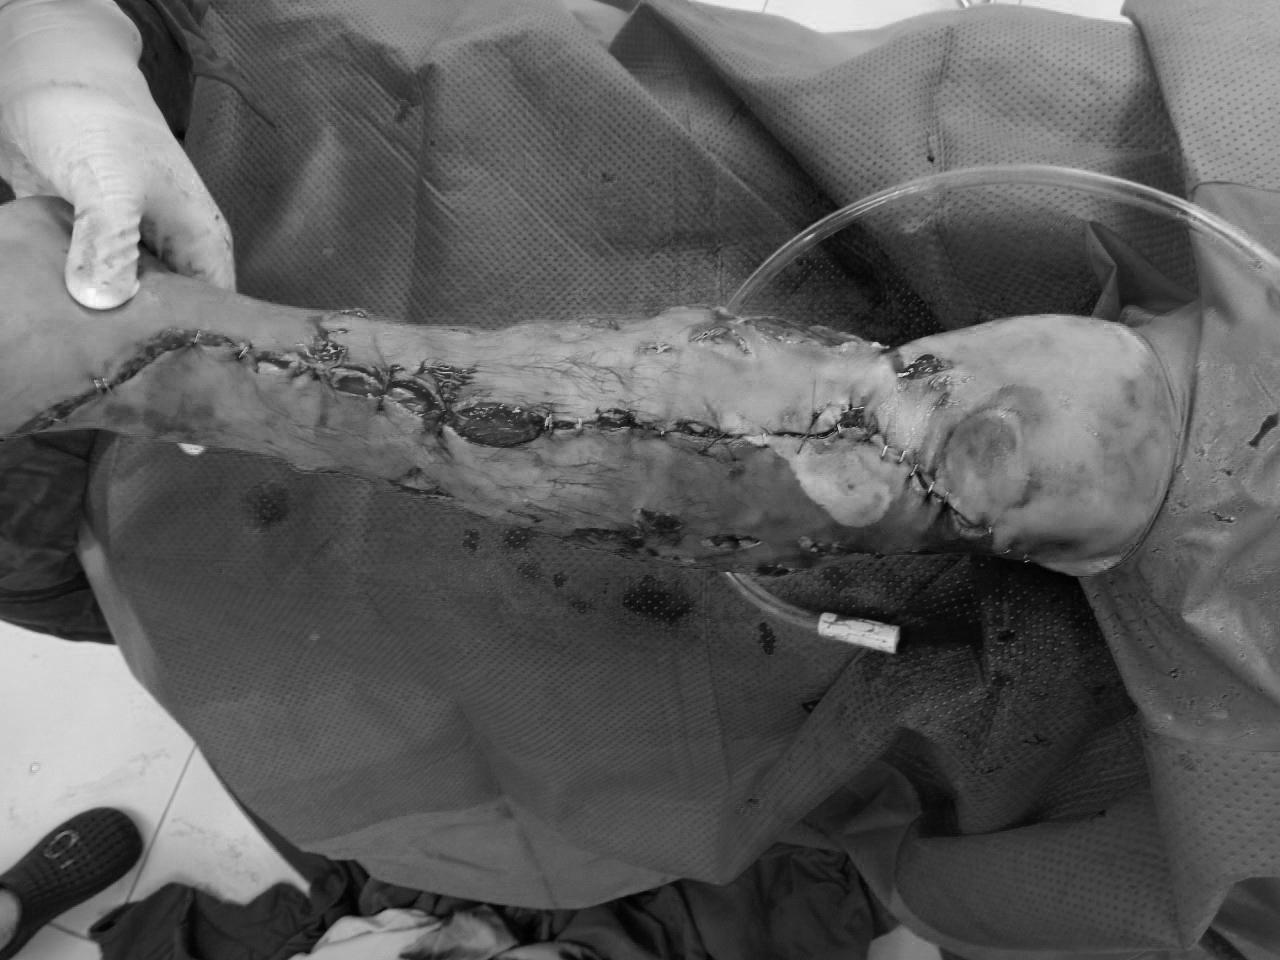 Cấp cứu nam bệnh nhân 41 tuổi đứt gân, lóc toàn bộ da cẳng chân do va chạm với xe tải - Ảnh 1